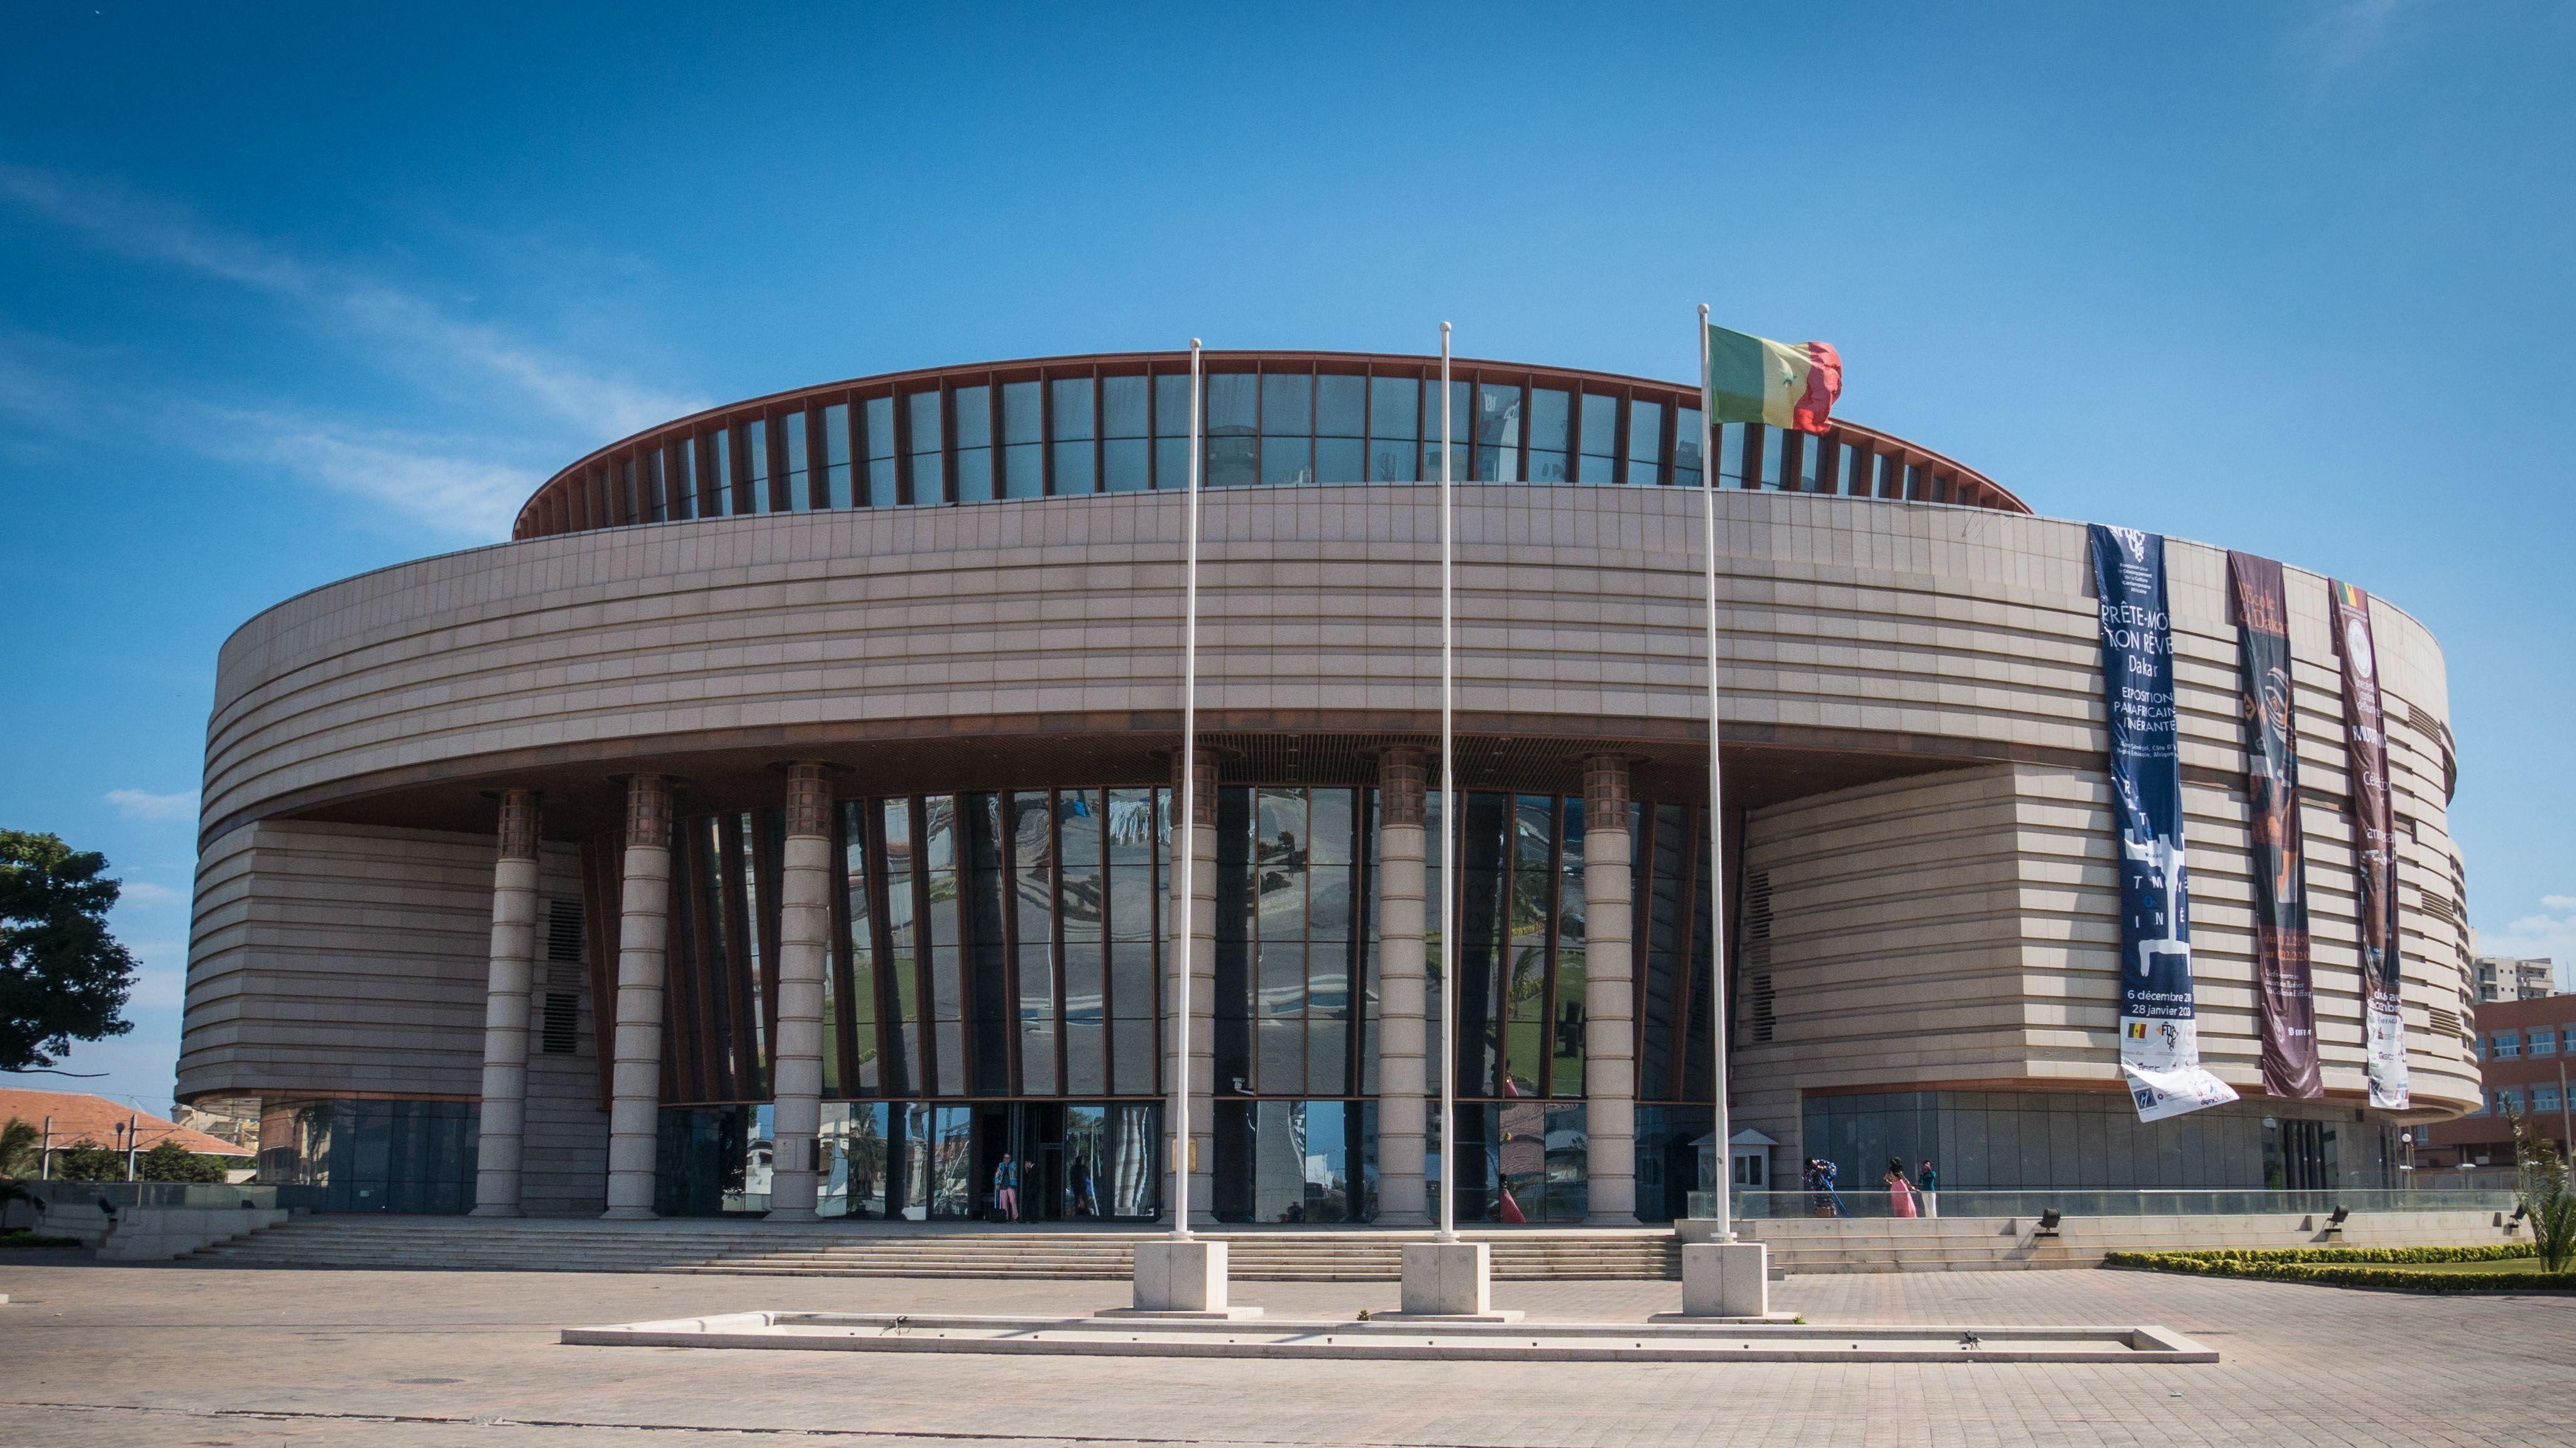 """Was der Bau verspricht, lösen die Ausstellungen nicht ein: Das """"Musée des civilisations noires"""" in Dakar"""